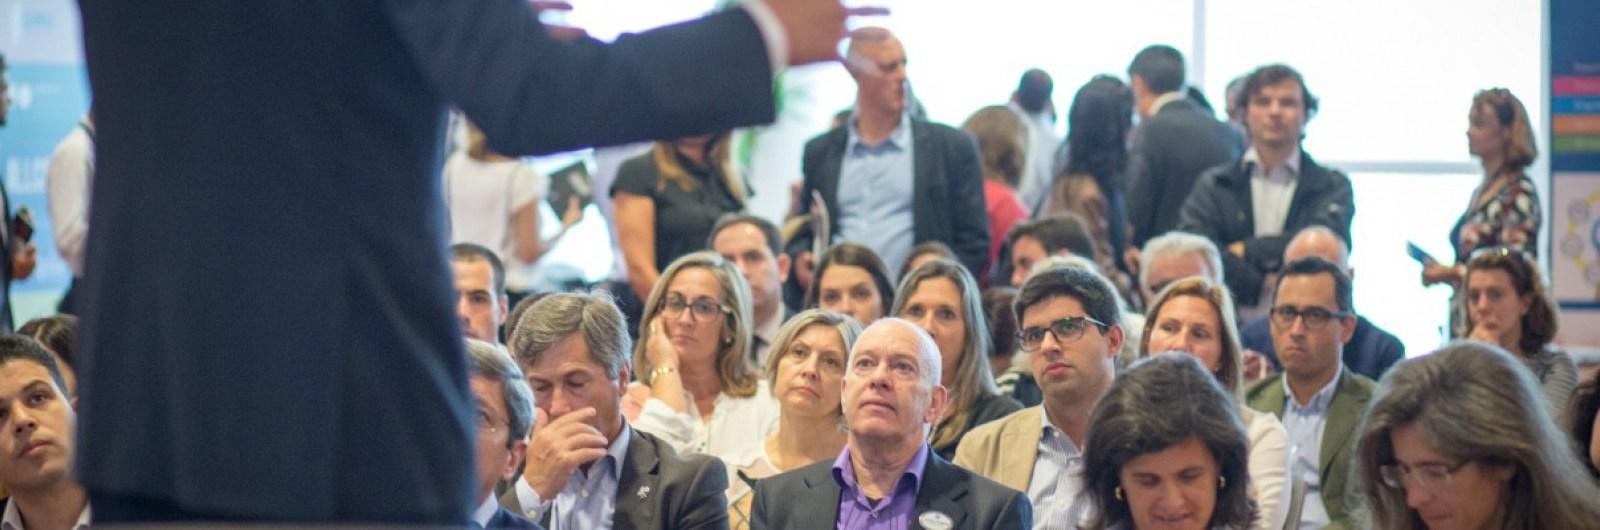 2ª edição do Porto Franchise recebe quatro centenas de visitantes